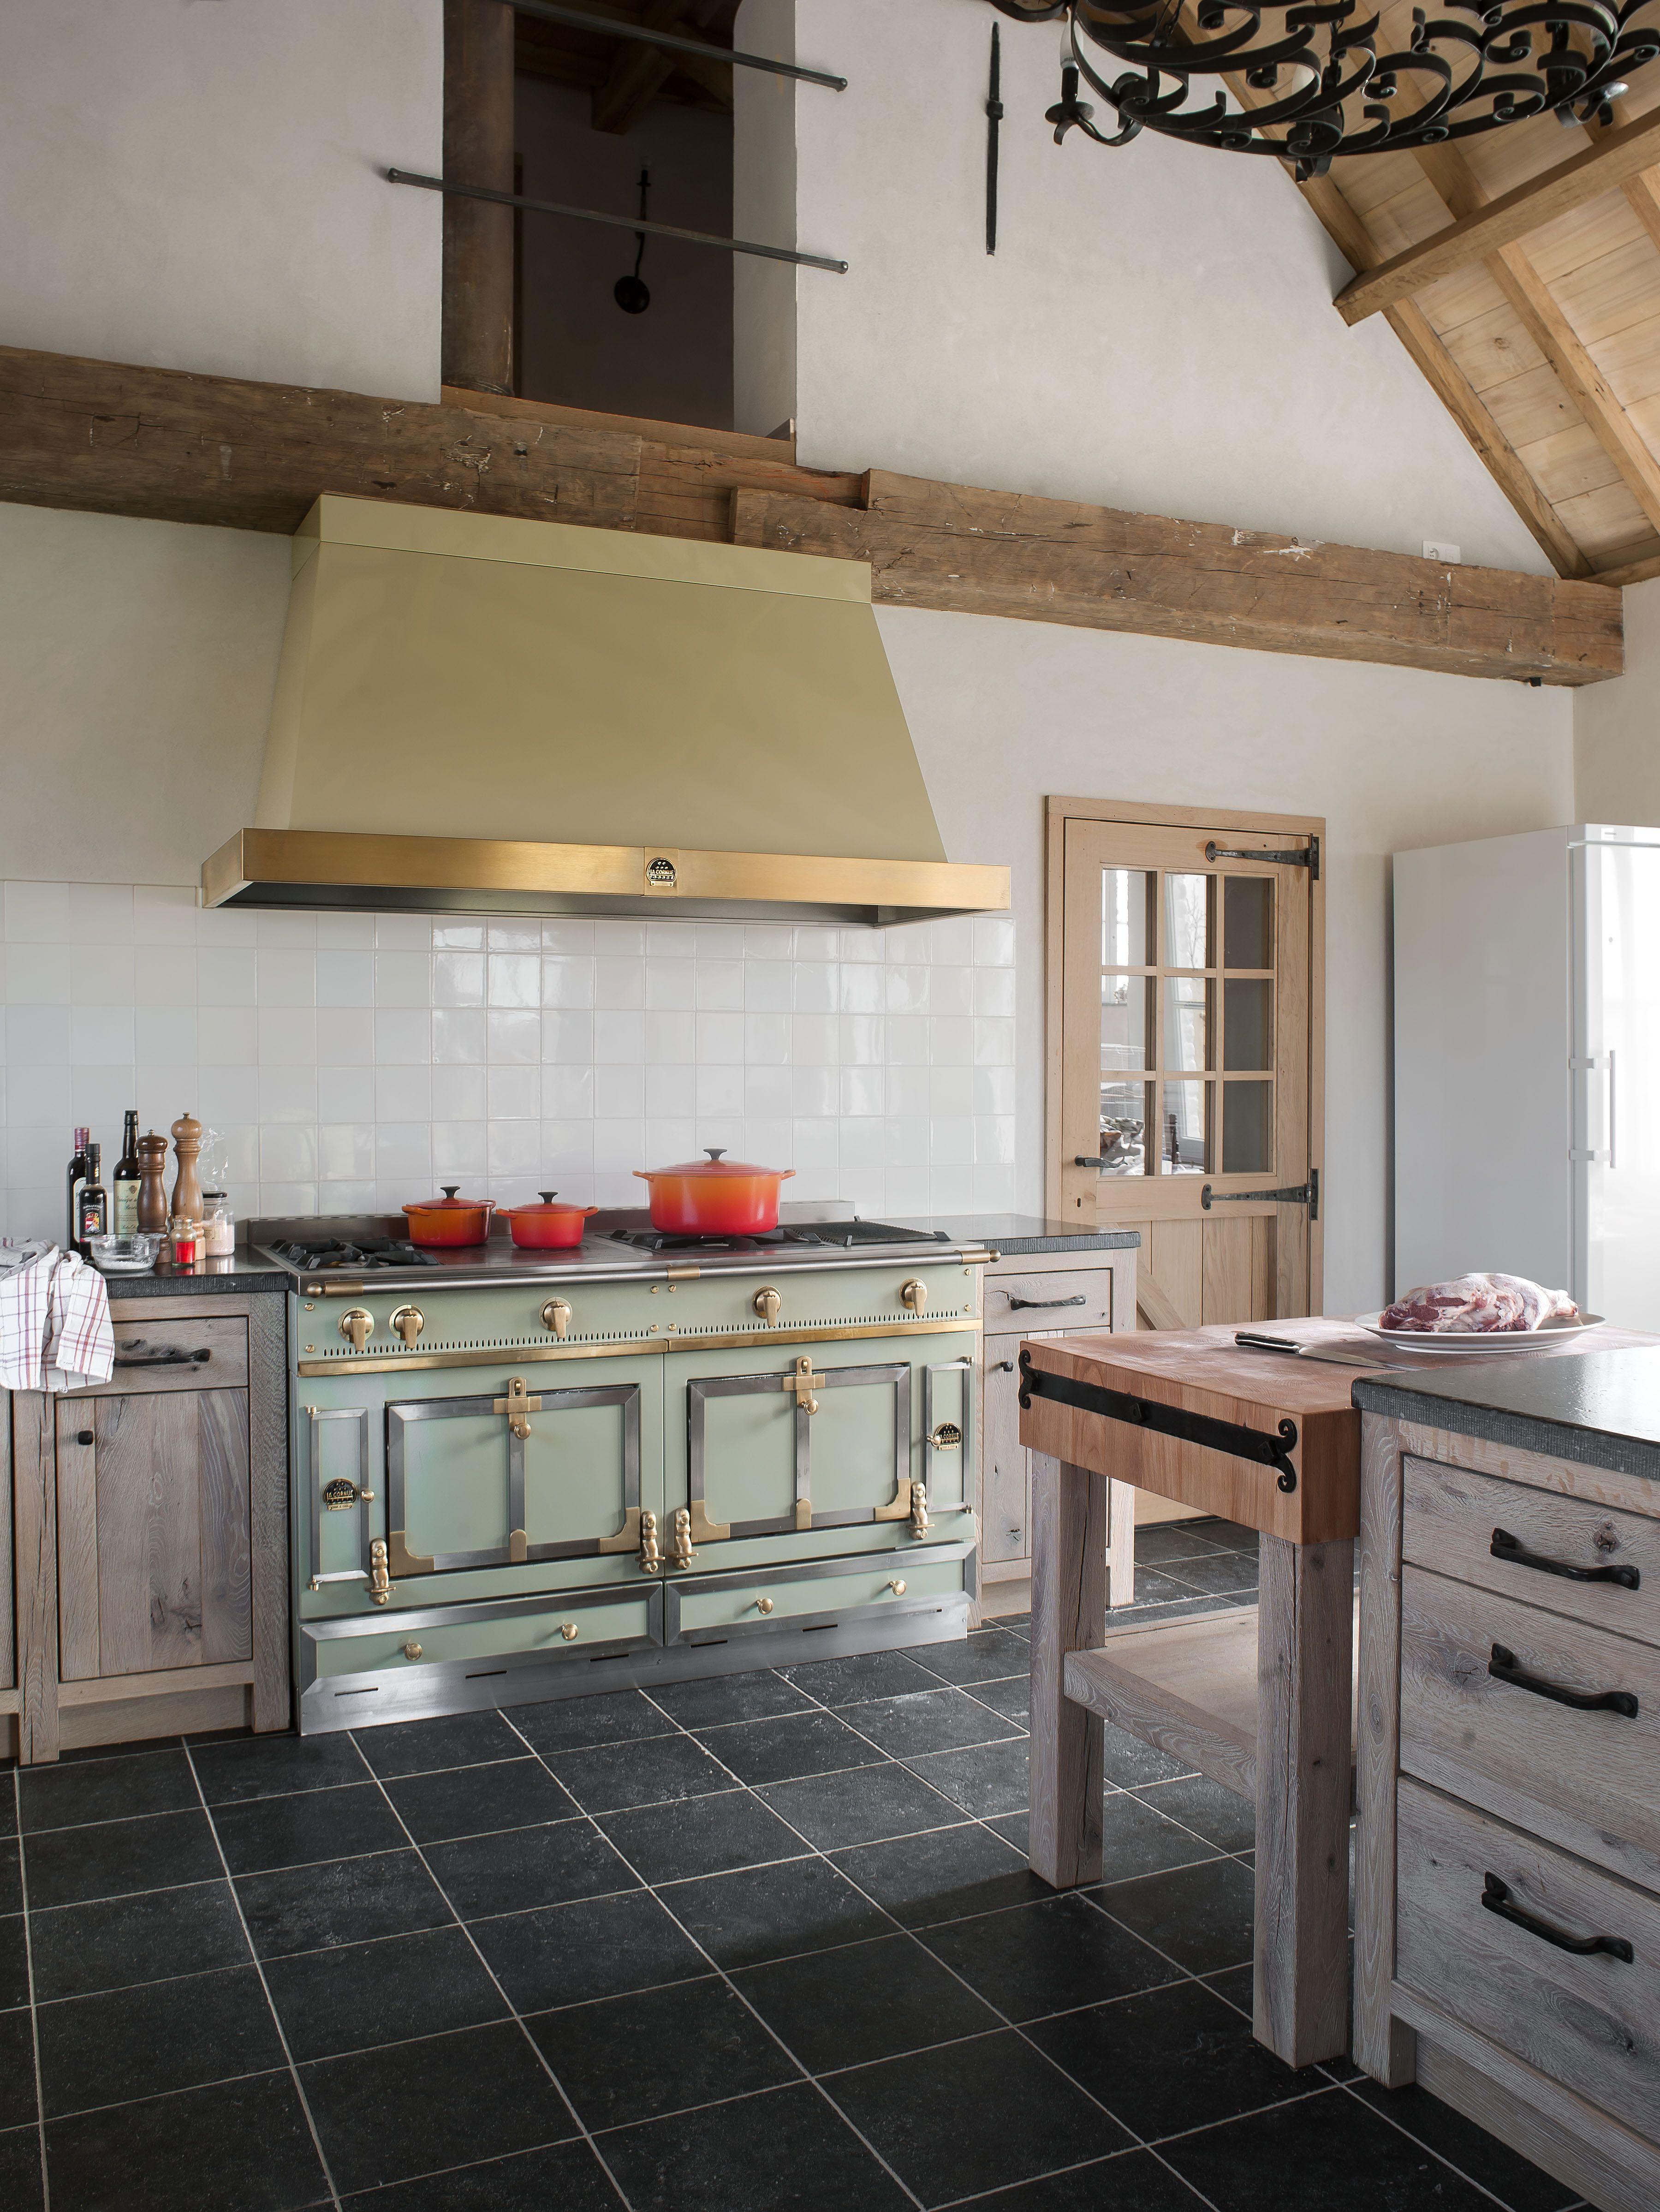 Épinglé par La Cornue sur French Chef Kitchen   Inspiration cuisine, Cuisinière ancienne, Cuisine